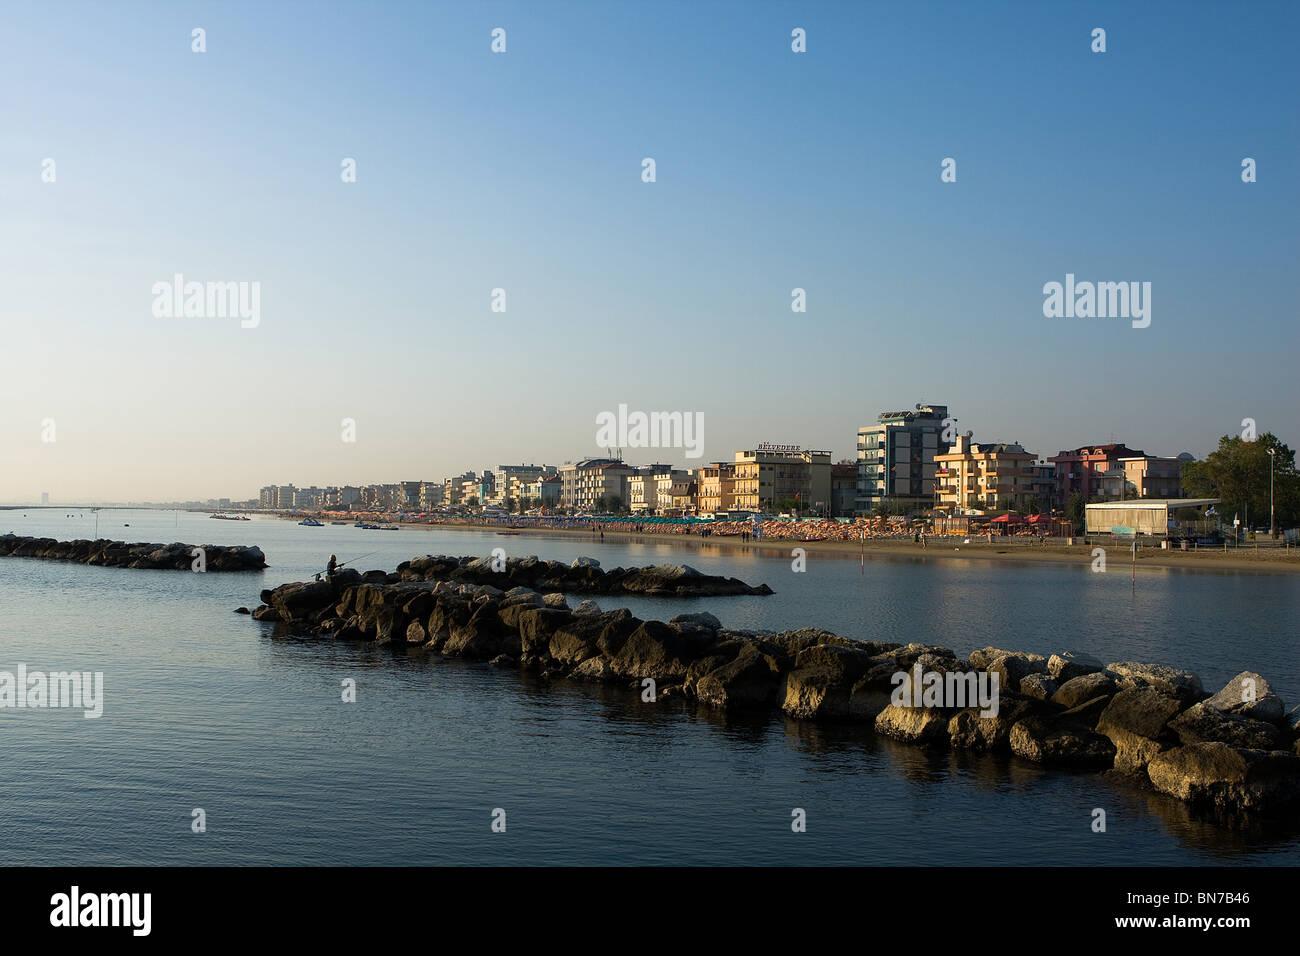 Adriatic coast landscape, Bellaria, Italy - Stock Image